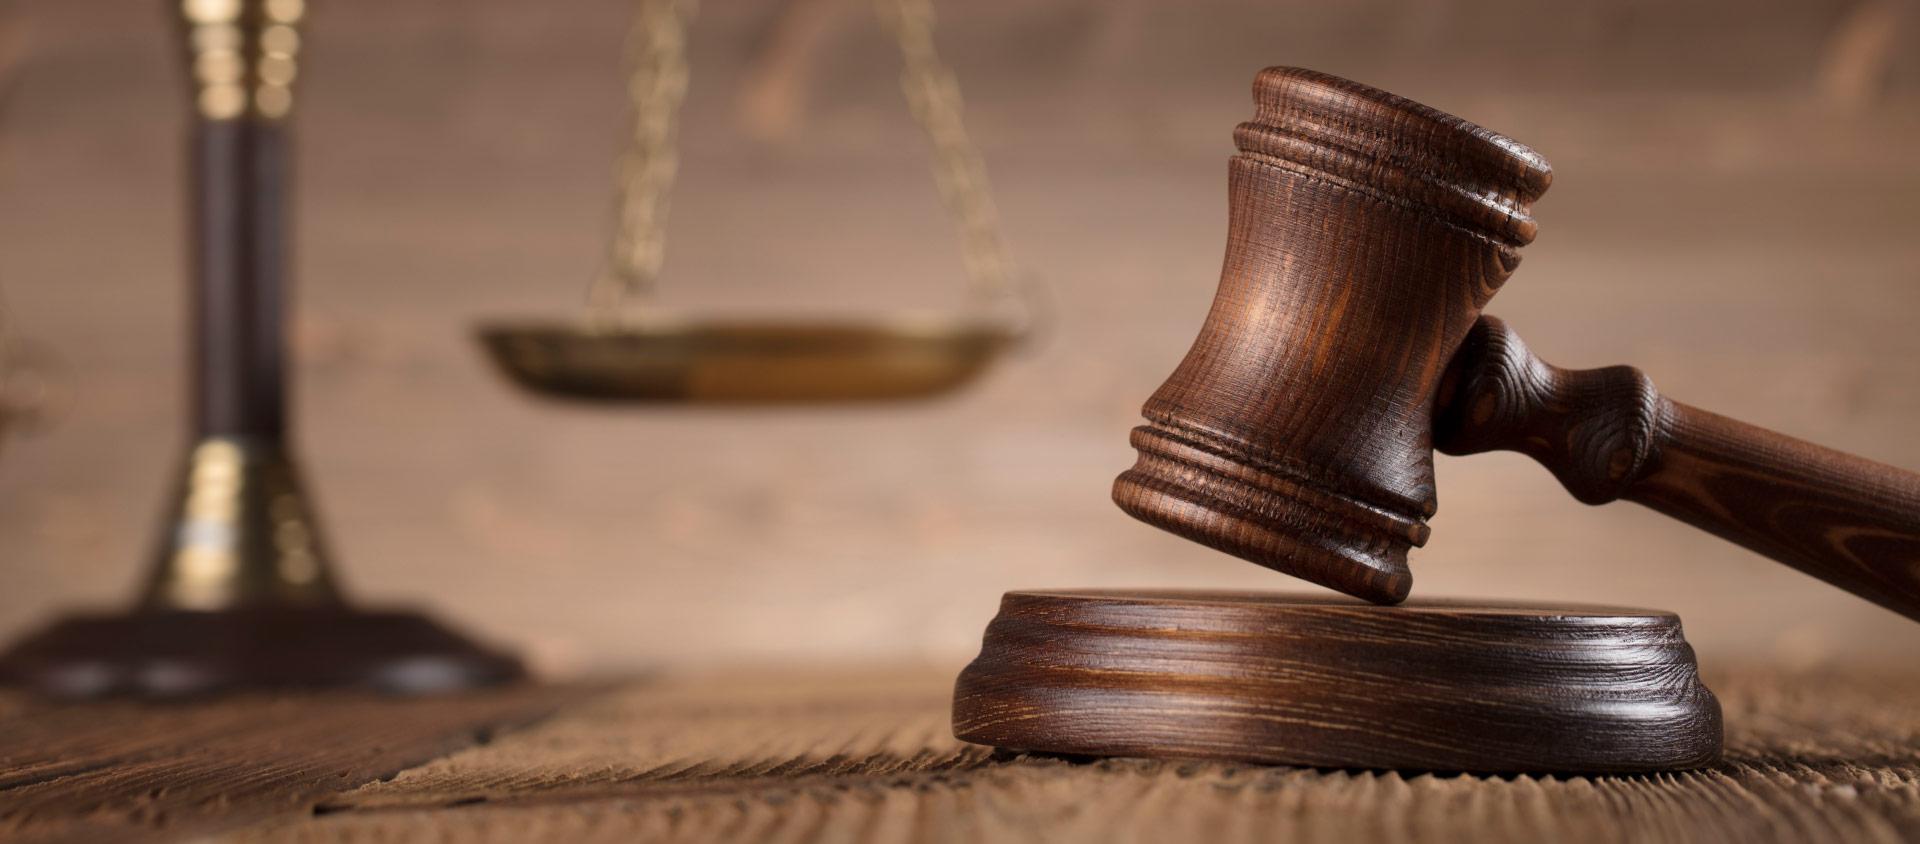 Seguro Garantia Judicial ganha mais uma função com a reforma trabalhista